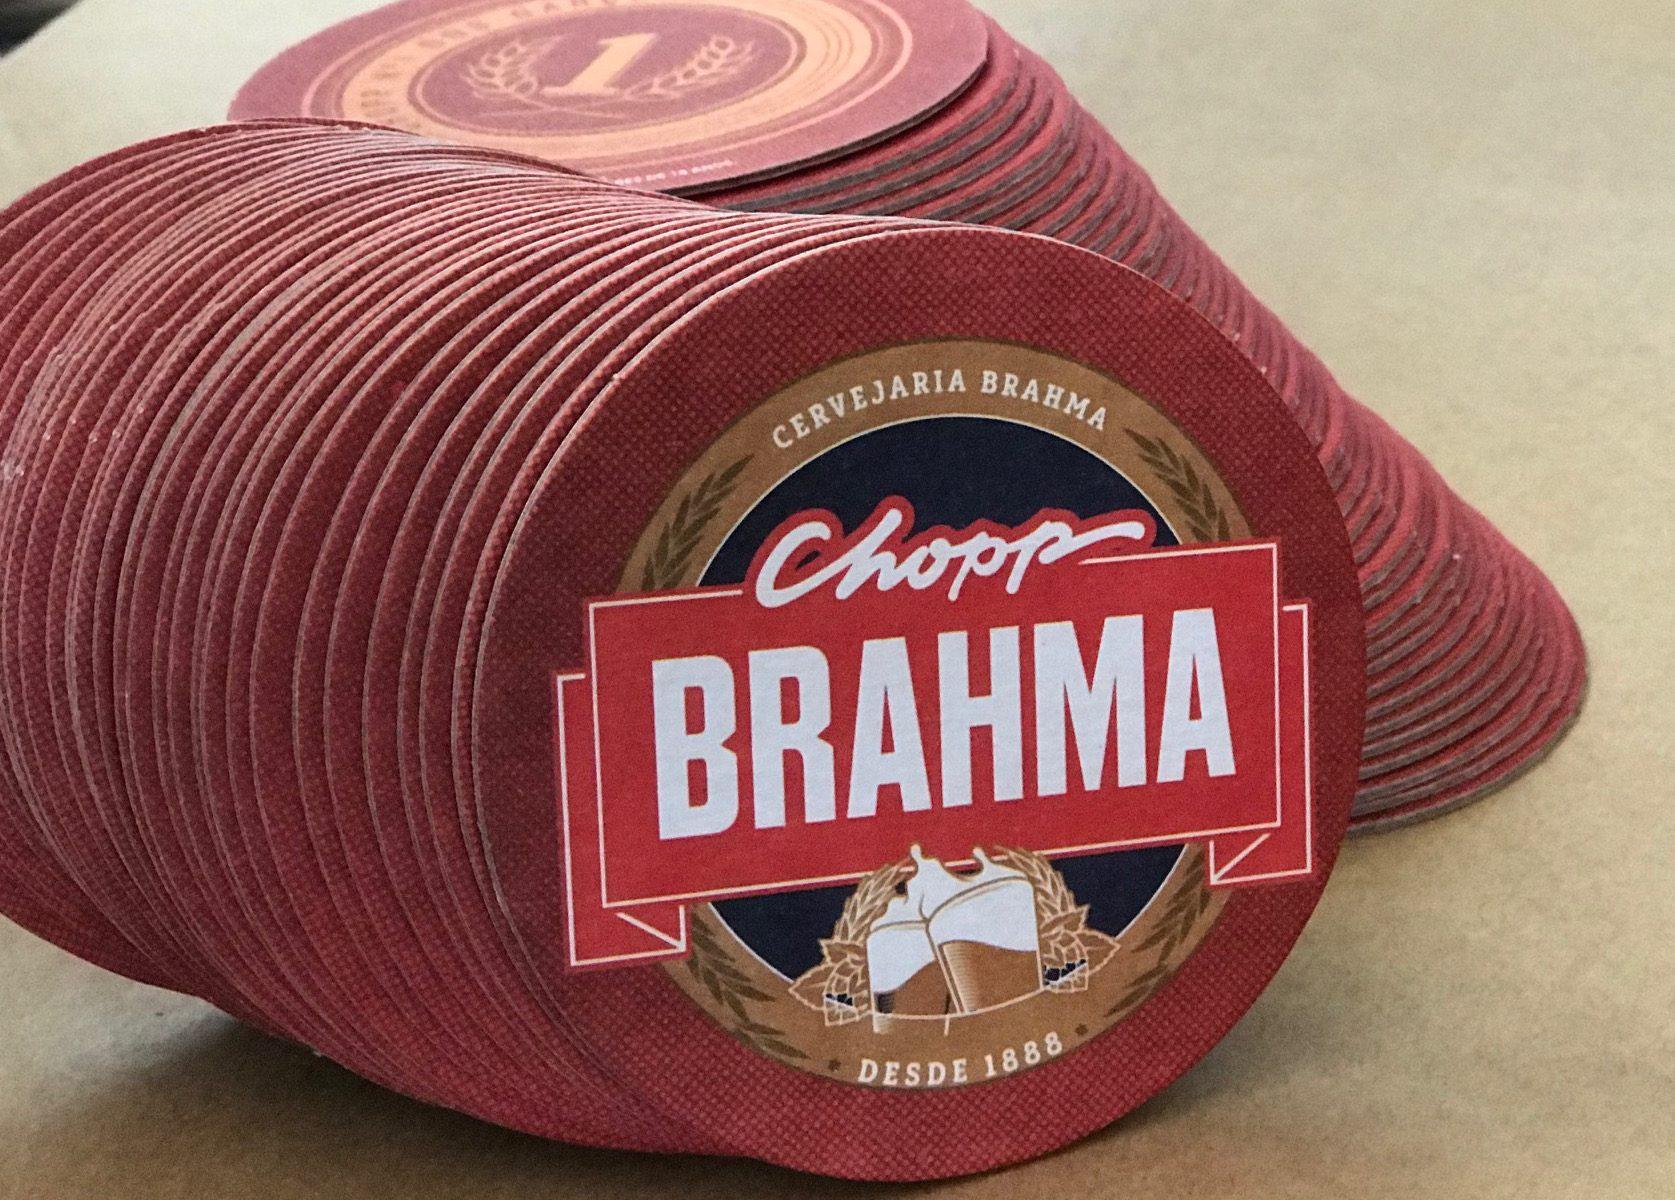 Bolacha de Chopp Brahma 2018